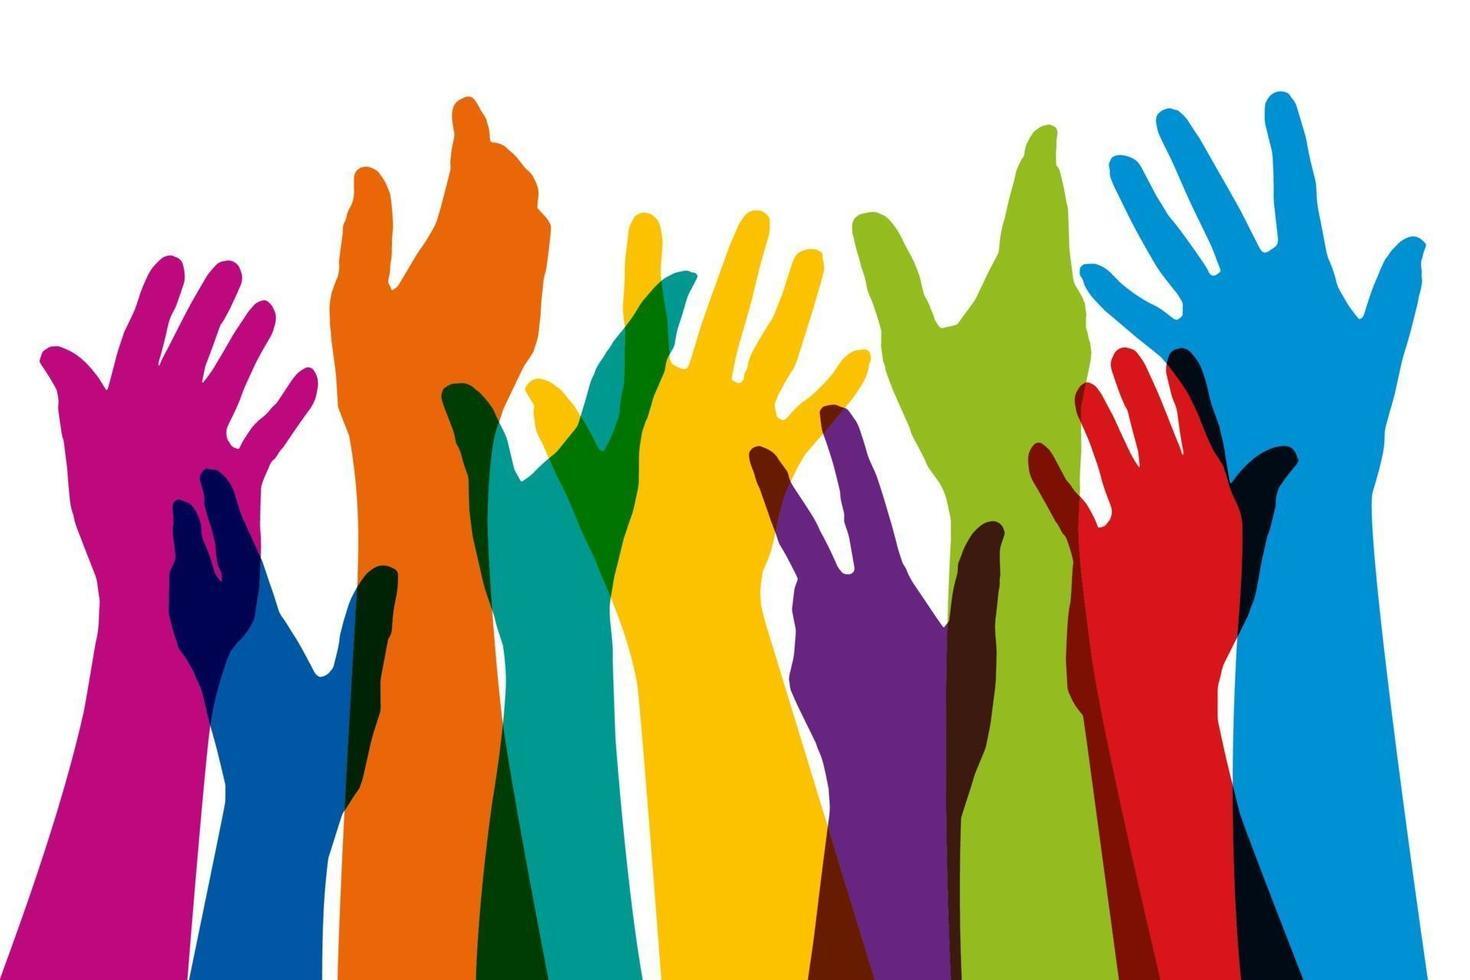 upphöjda händer i olika färger symbol för enhet vektor